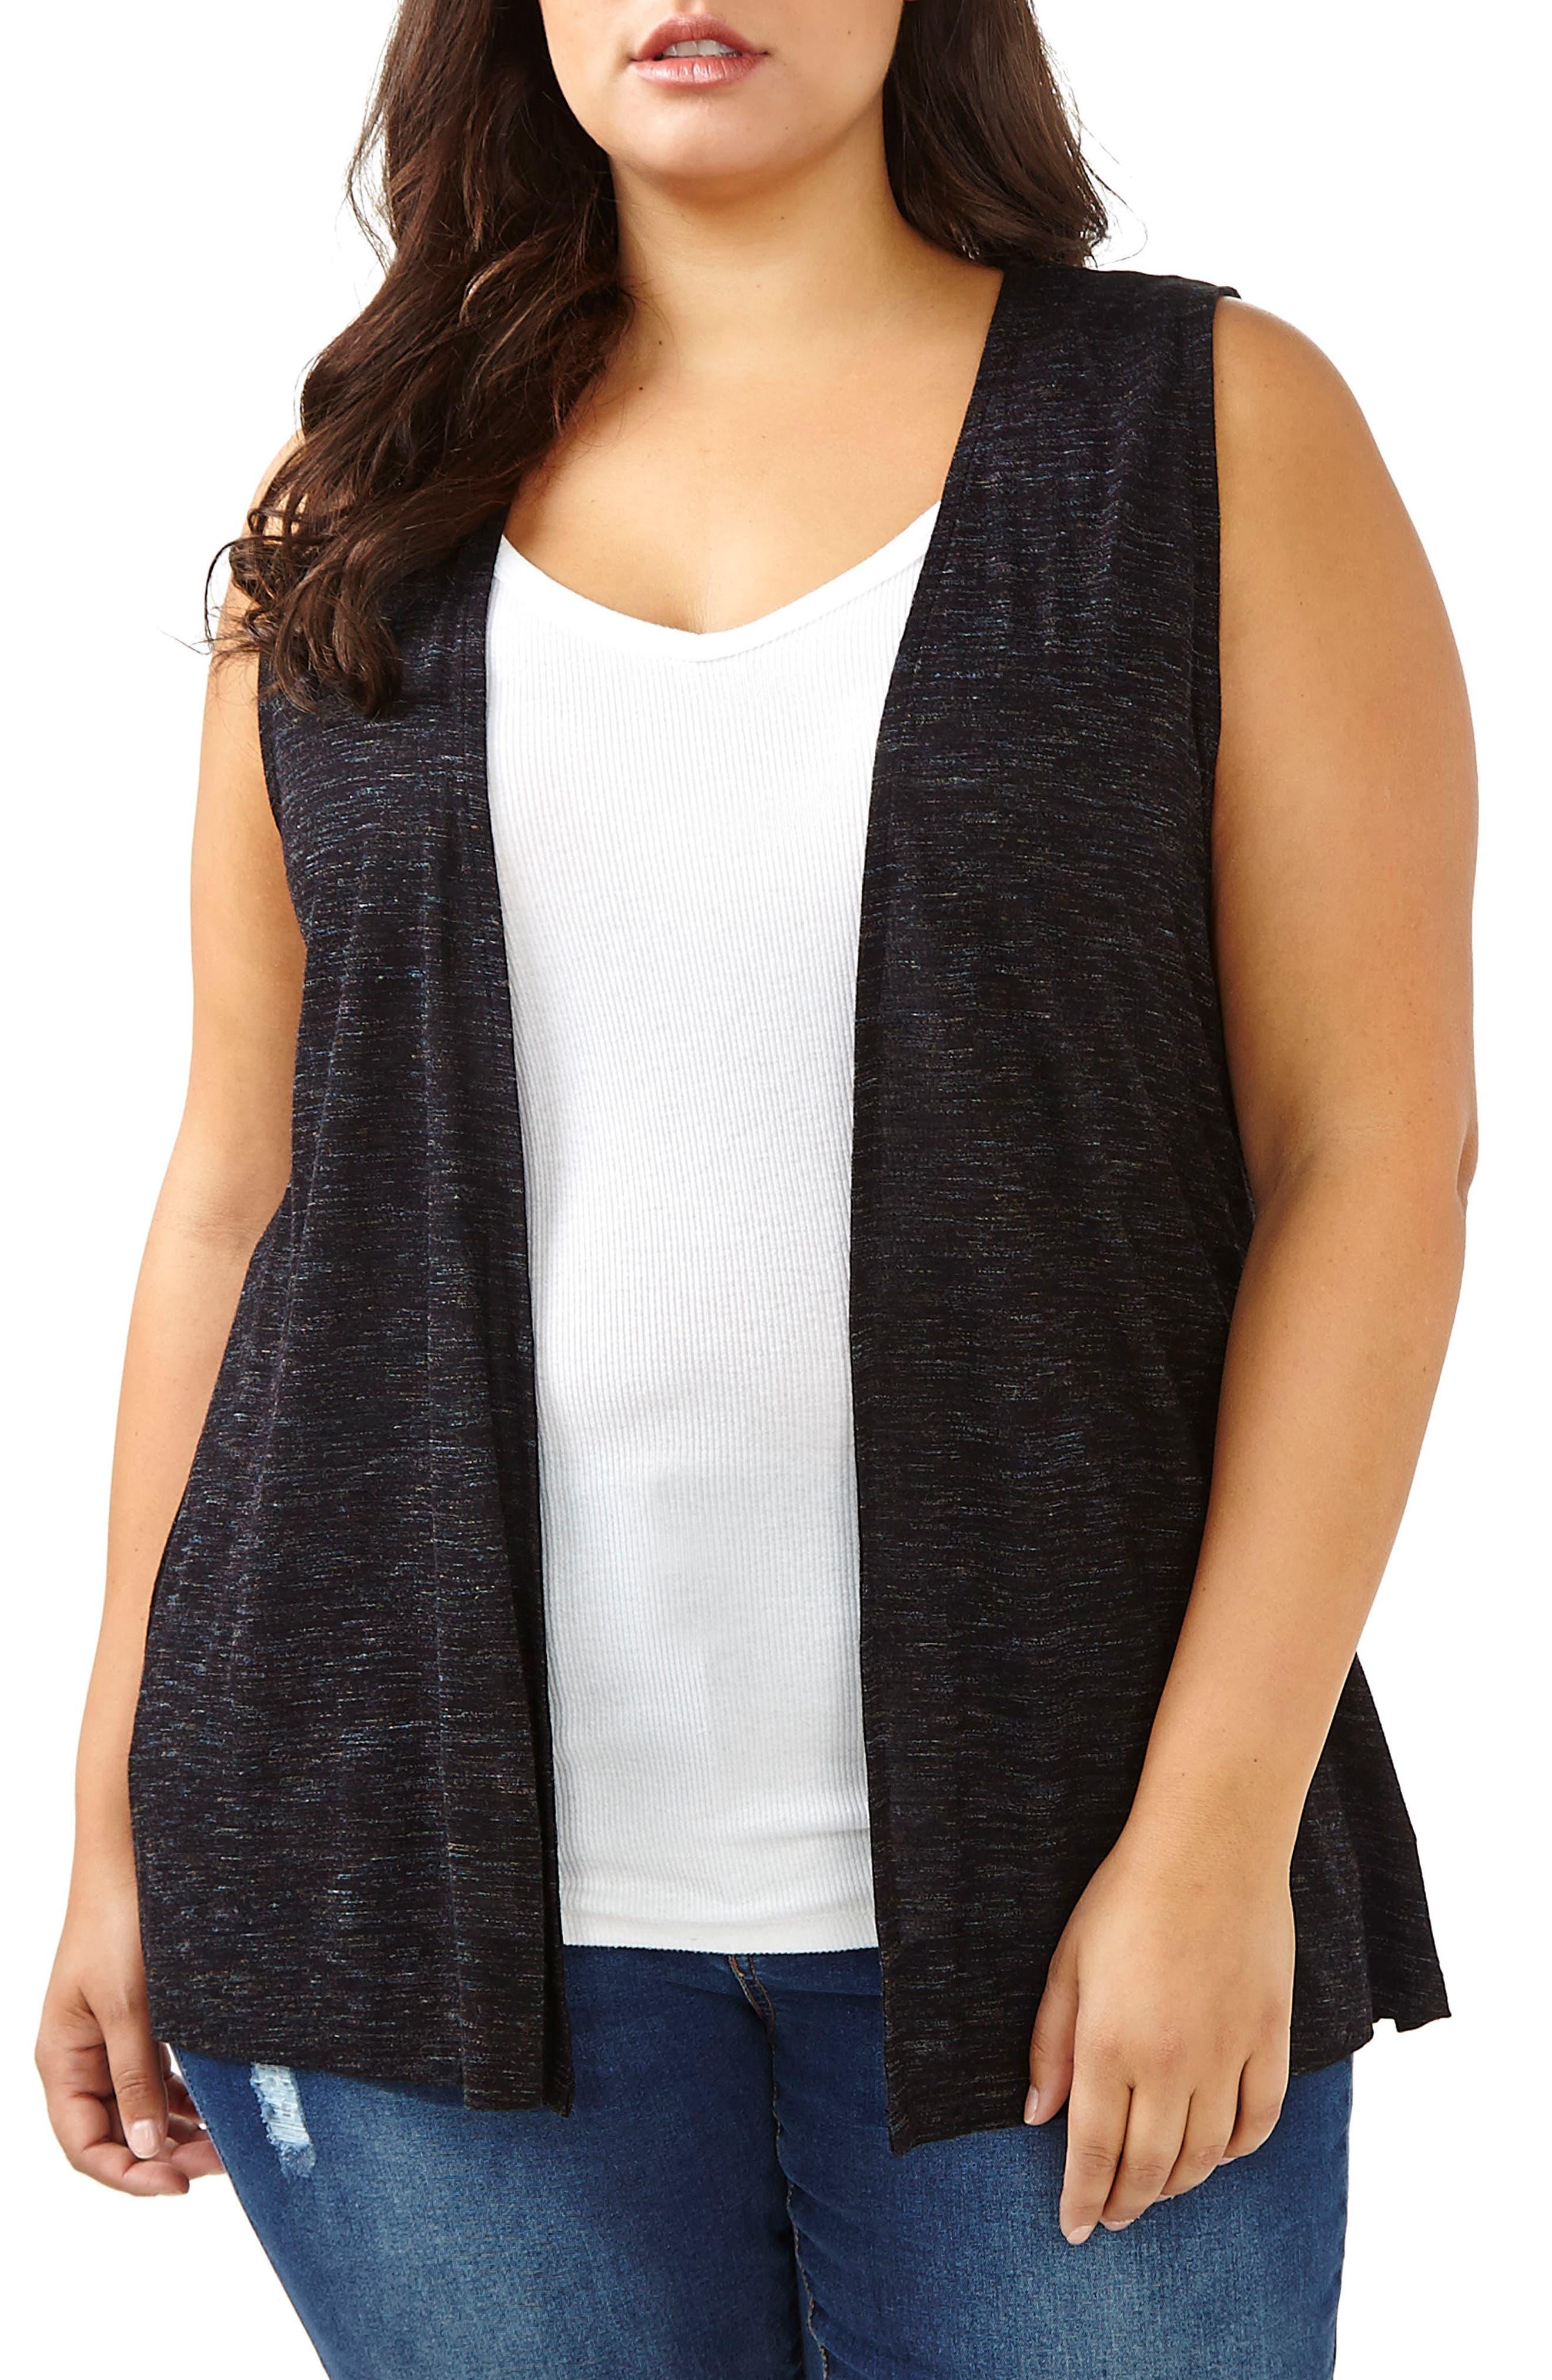 ADDITION ELLE LOVE AND LEGEND Lace-Up Back Vest